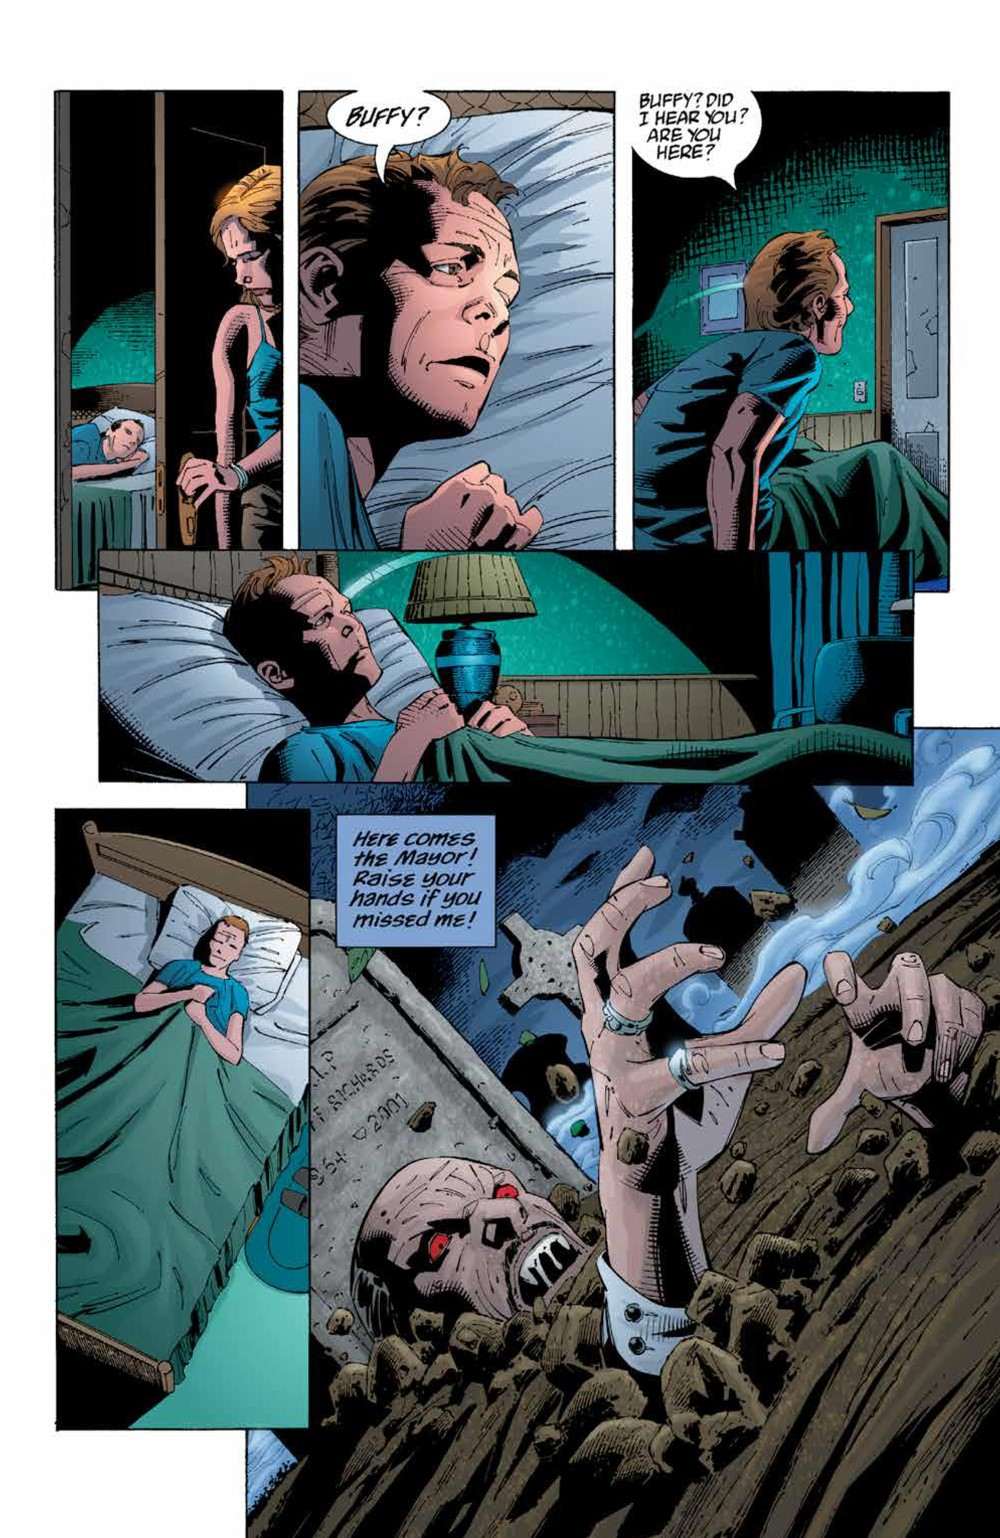 Buffy_Legacy_v5_SC_PRESS_11 ComicList Previews: BUFFY VAMPIRE SLAYER LEGACY EDITION VOLUME 5 TP